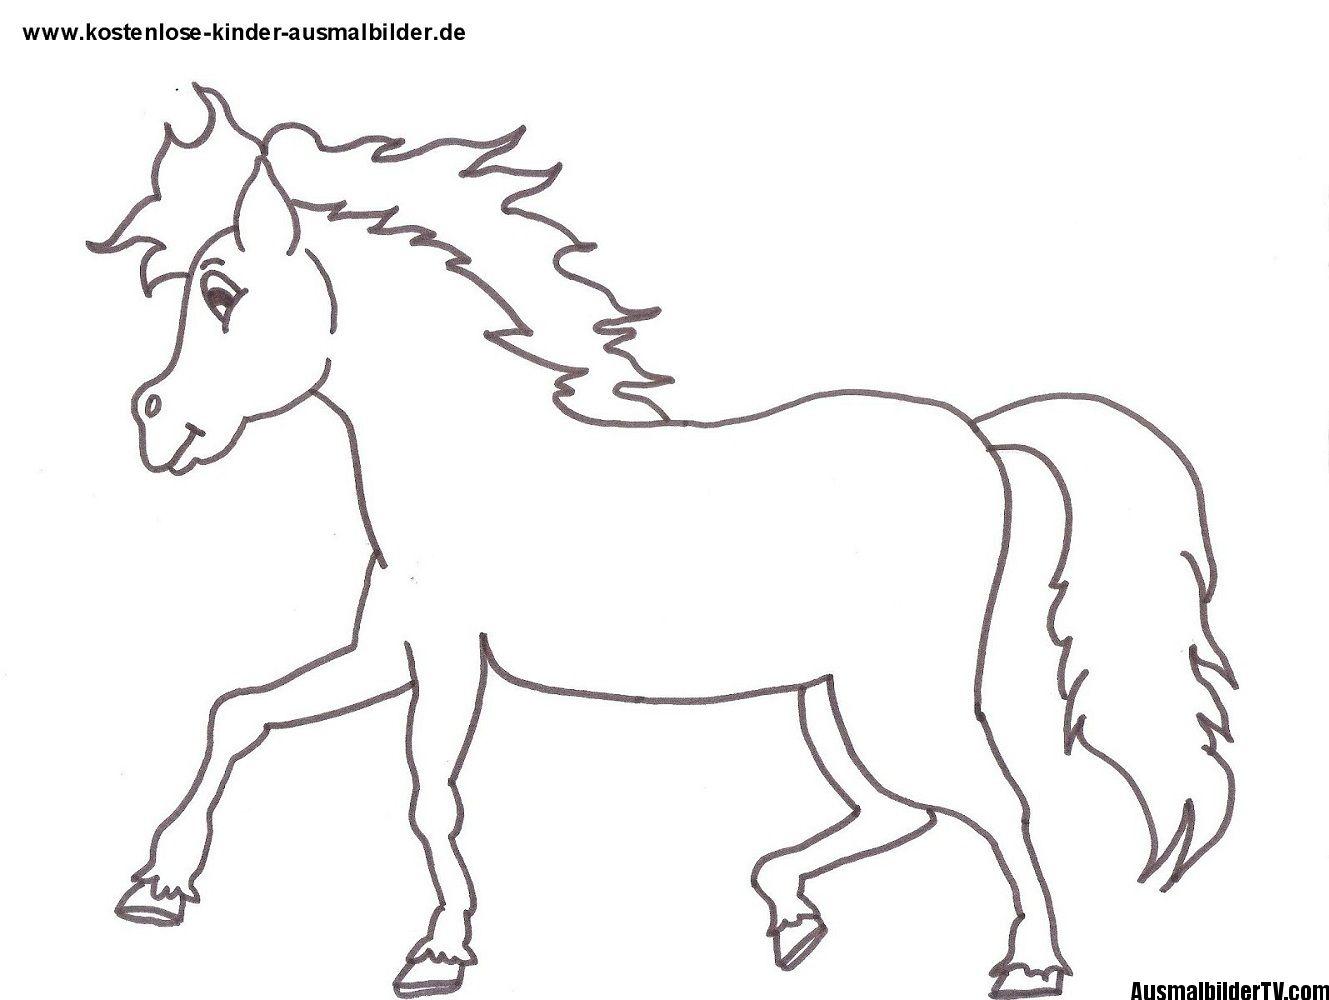 Ausmalbilder Kindergarten Malvorlagen Pferde Ausmalbilder Pferde Ausmalen